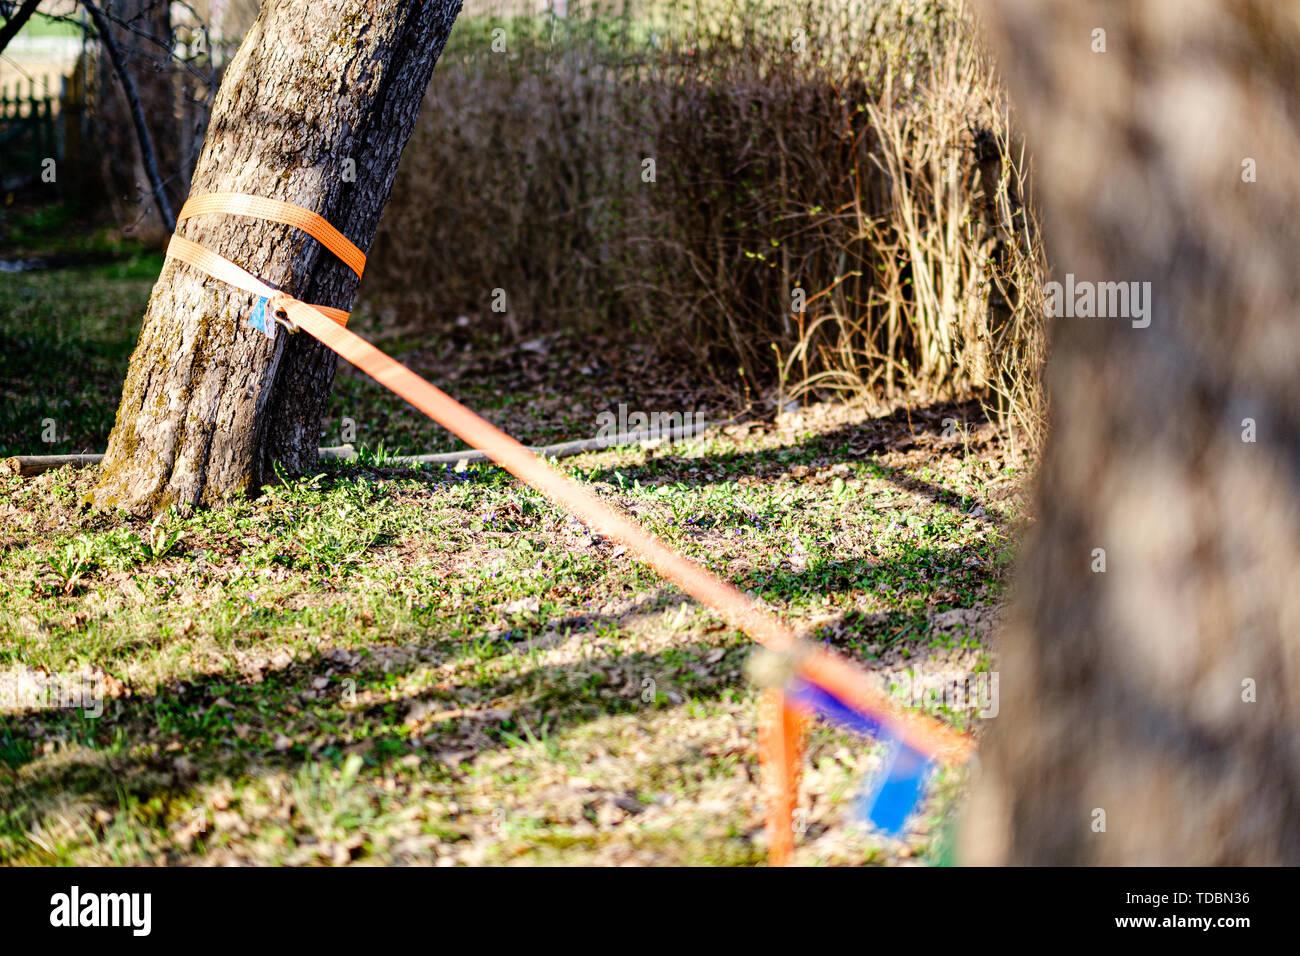 Strope für Kabel gehen zwischen den Bäumen im Garten gestreckt Stockbild